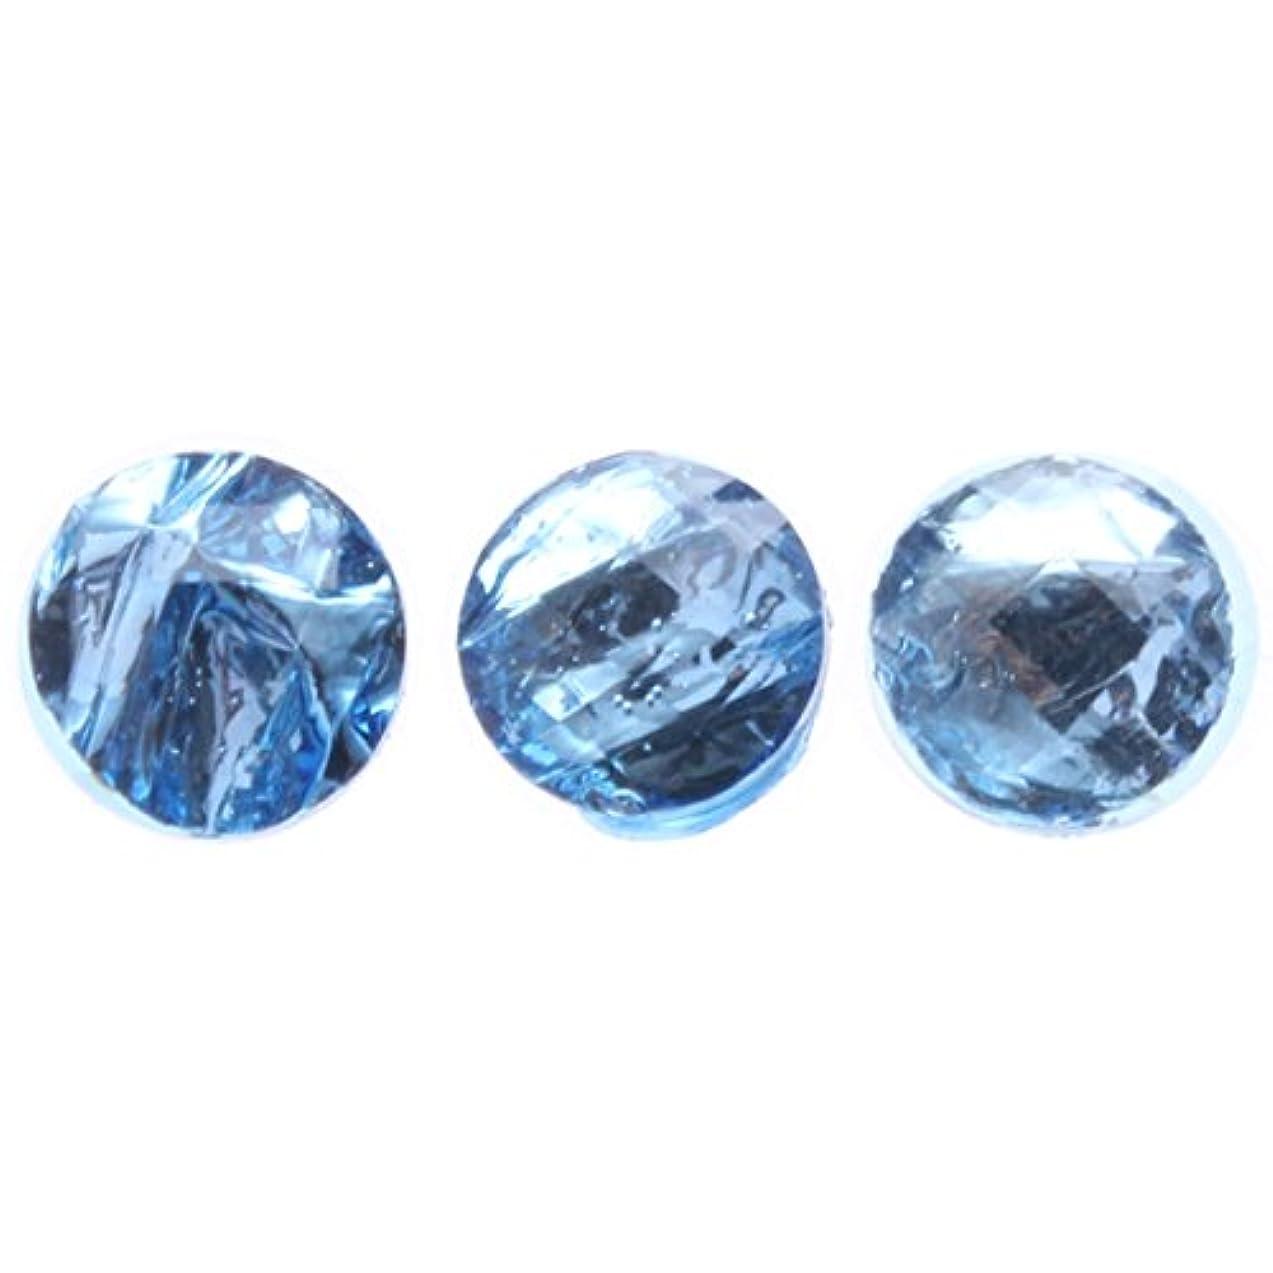 博物館ラダサーバ<エトゥベラ> スペースストーンラウンド6mm(各30個) ブルー